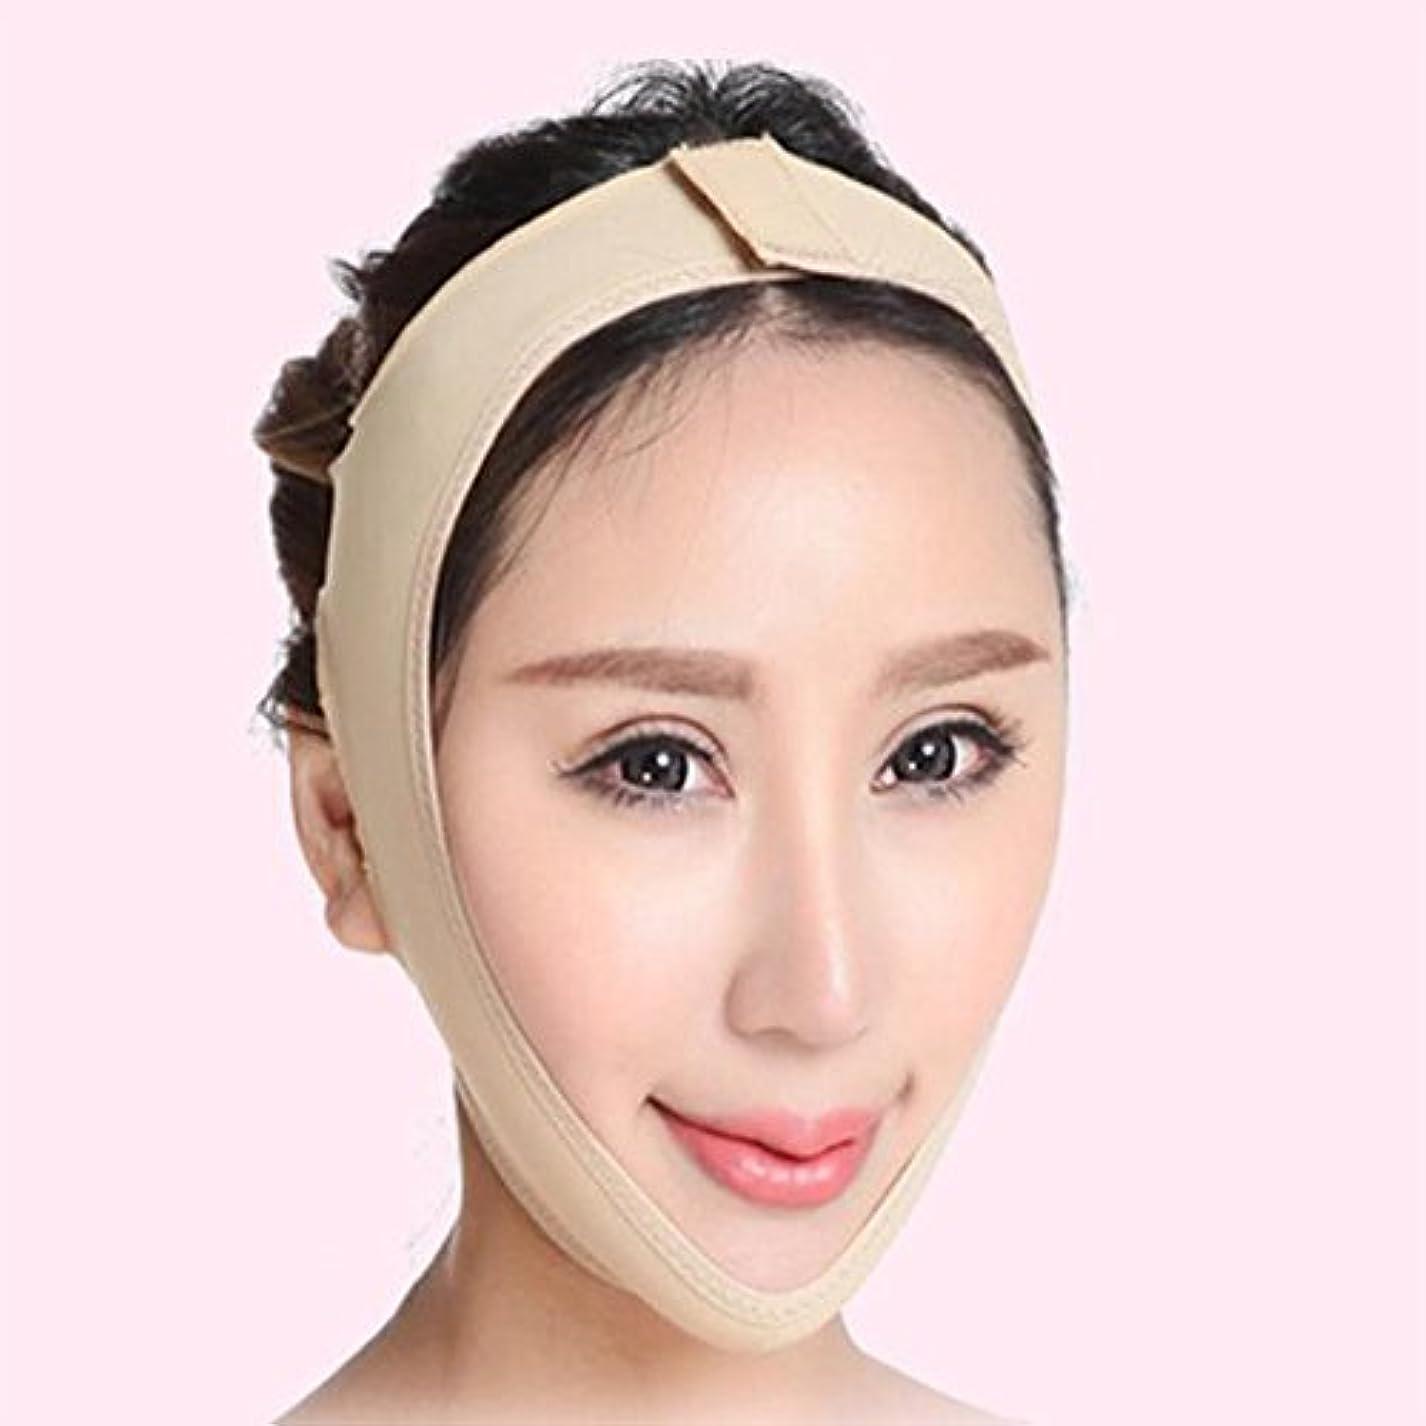 六分儀スケッチ深遠SD 小顔 小顔マスク リフトアップ マスク フェイスライン 矯正 あご シャープ メンズ レディース Lサイズ AZD15003-L